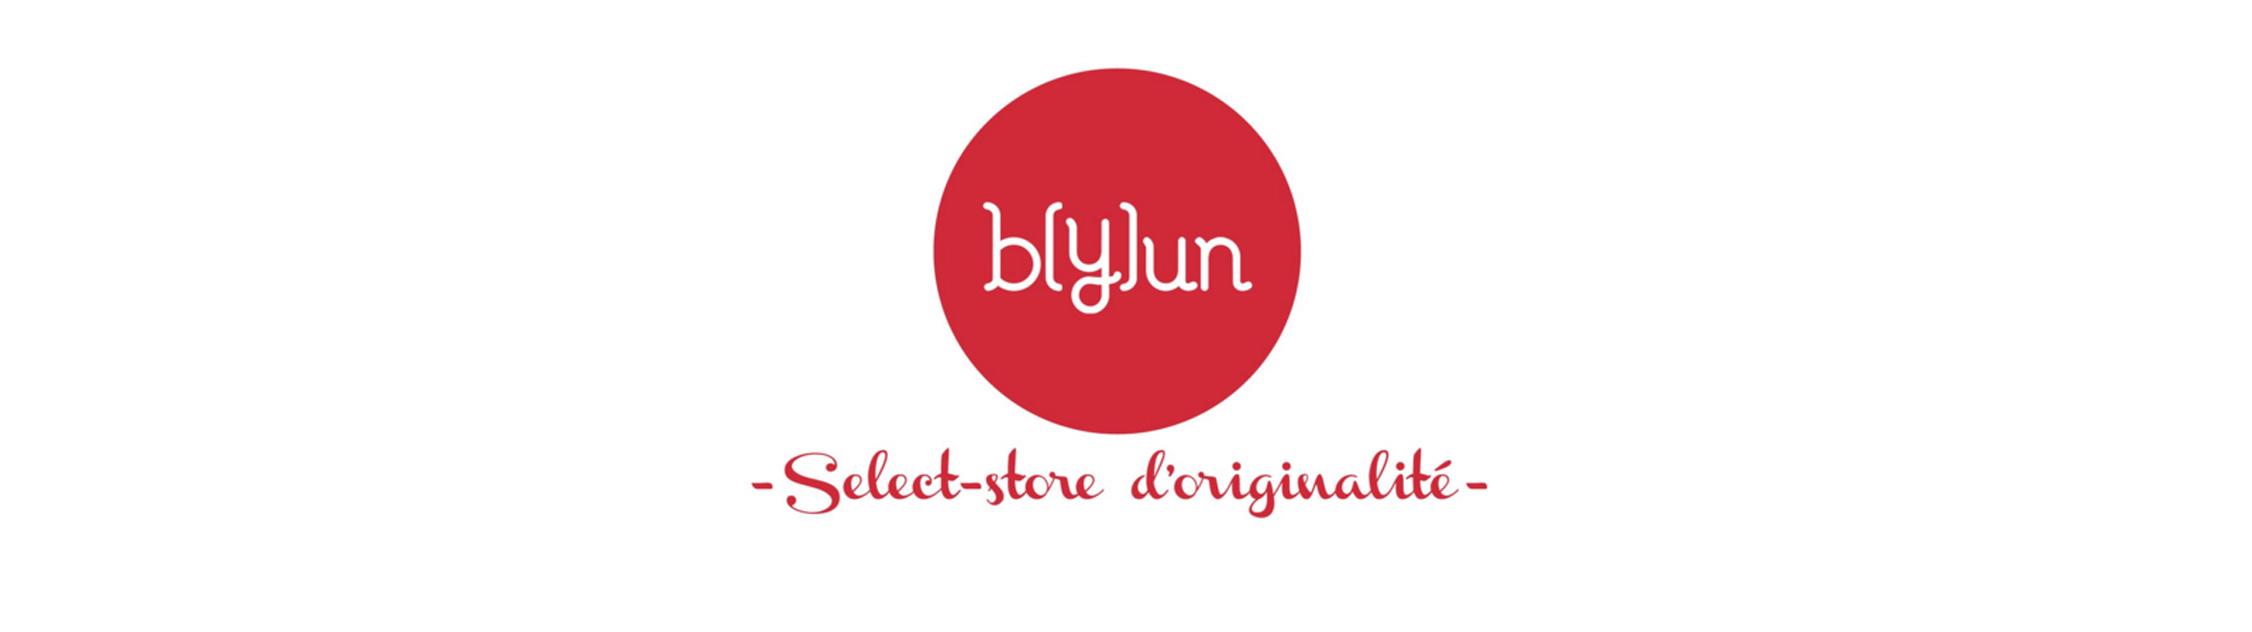 BGBYUN